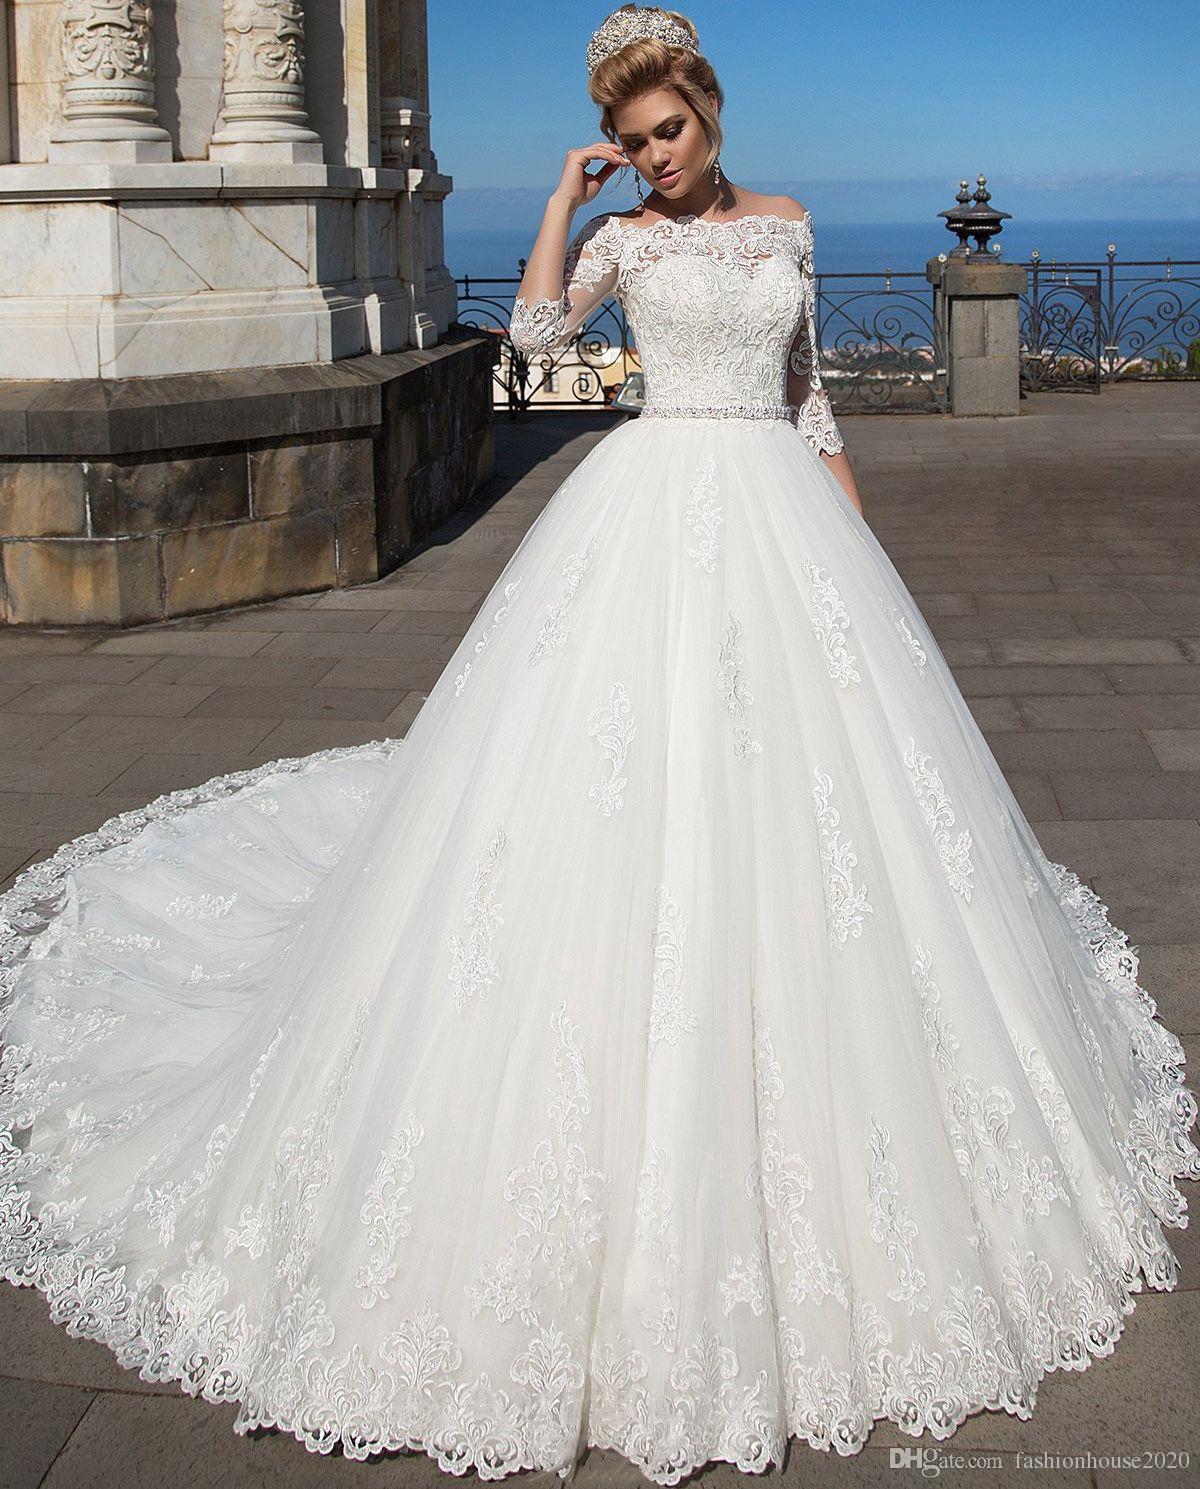 582c4a9c1d Compre 2018 Barato Elegante Encaje Blanco Vestido De Bola Vestidos De Novia  Con Mangas Fuera Del Hombro Princesa Más Tamaño Vestido De Novia Vestidos  De ...